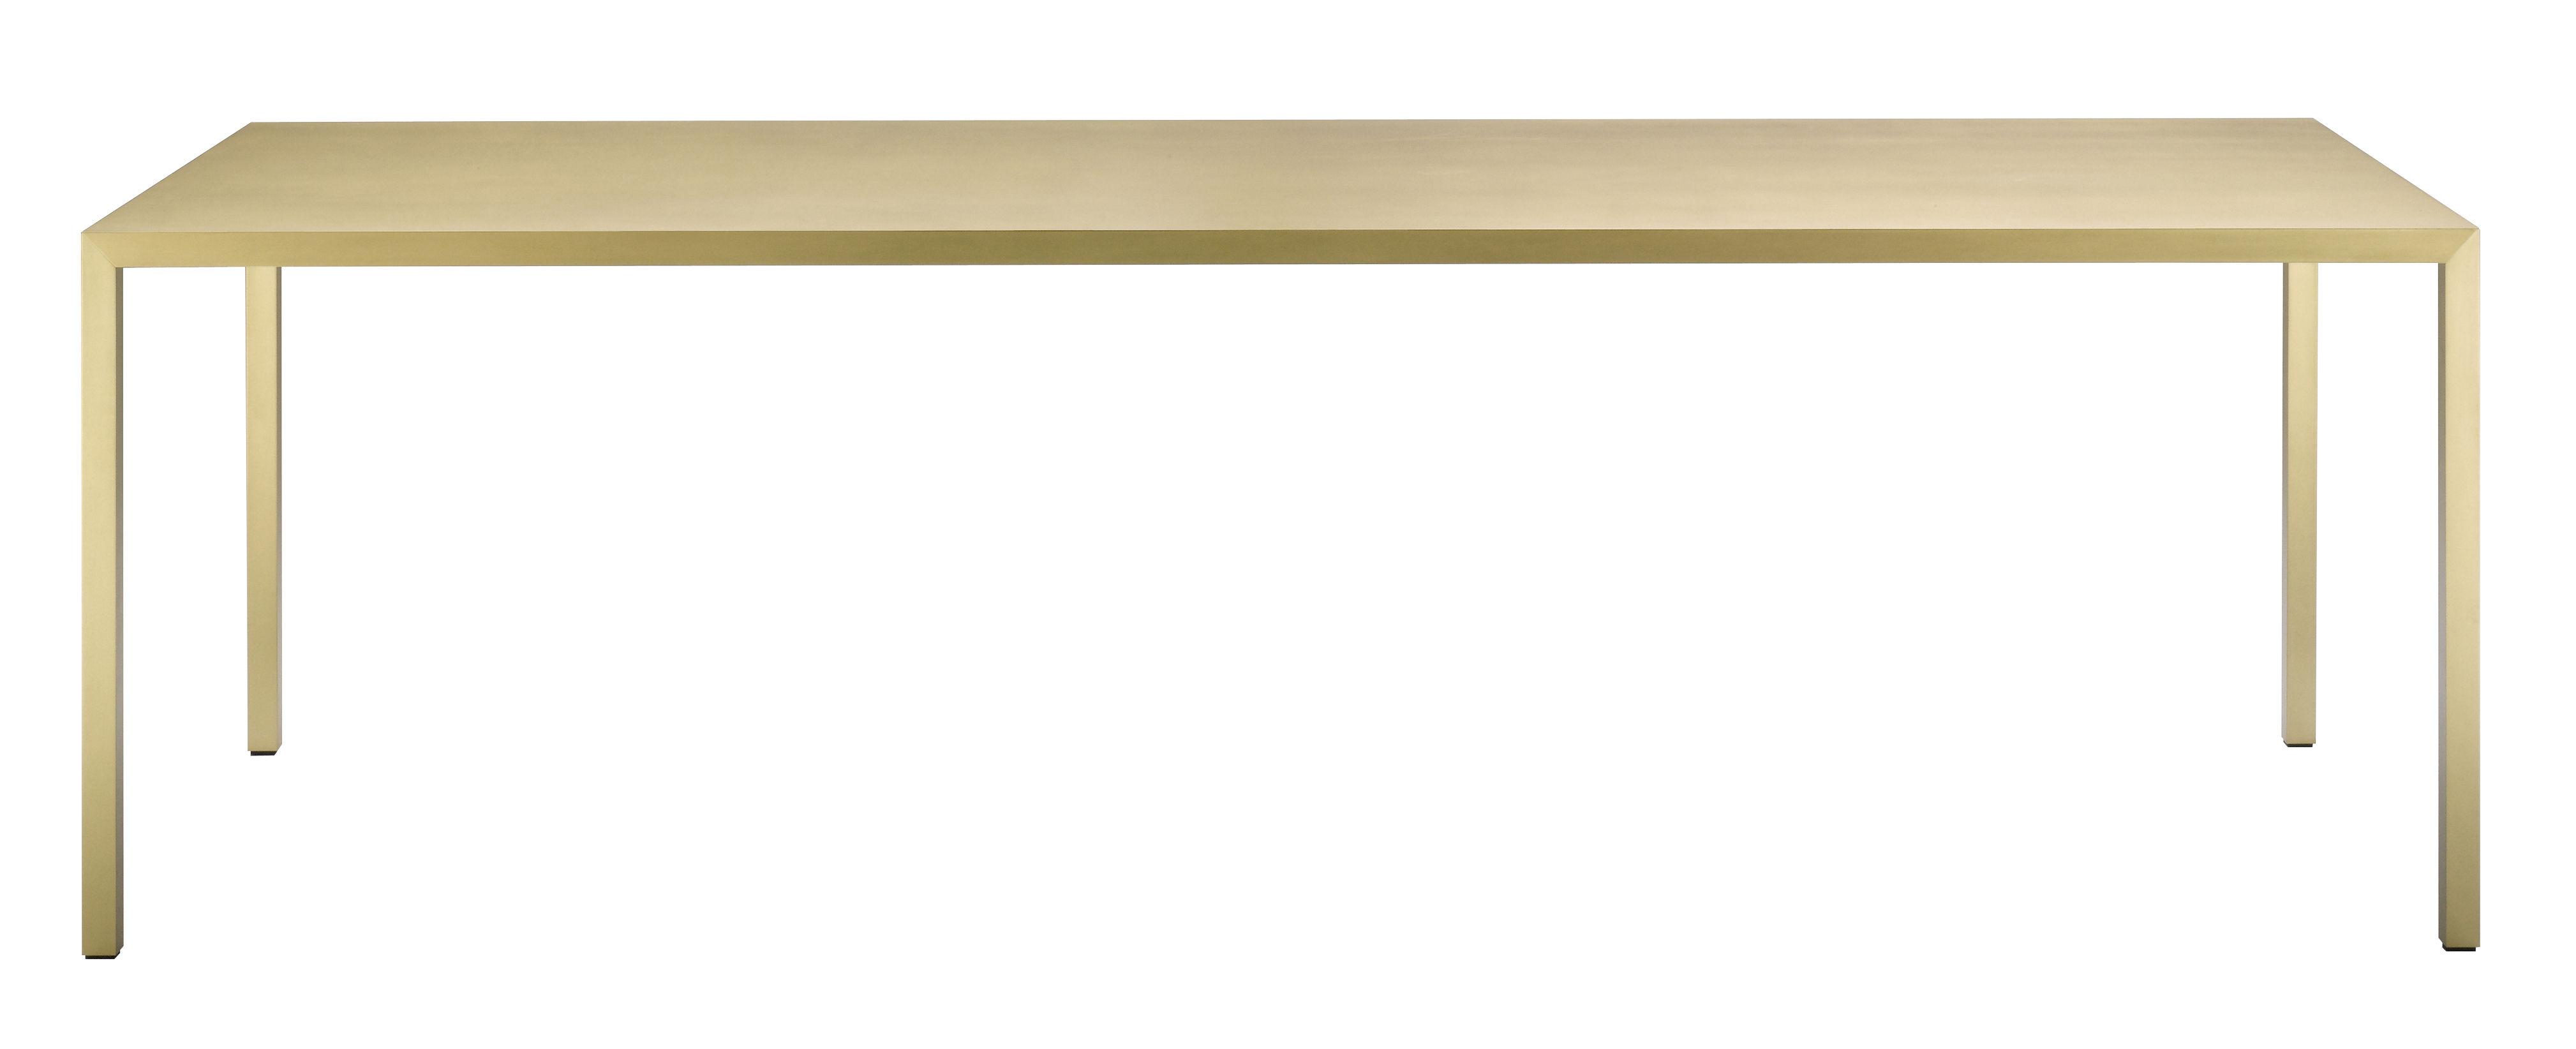 Scopri Tavolo Tense Material -/ 90 x 200 cm - Ottone, Ottone spazzolato di MD...